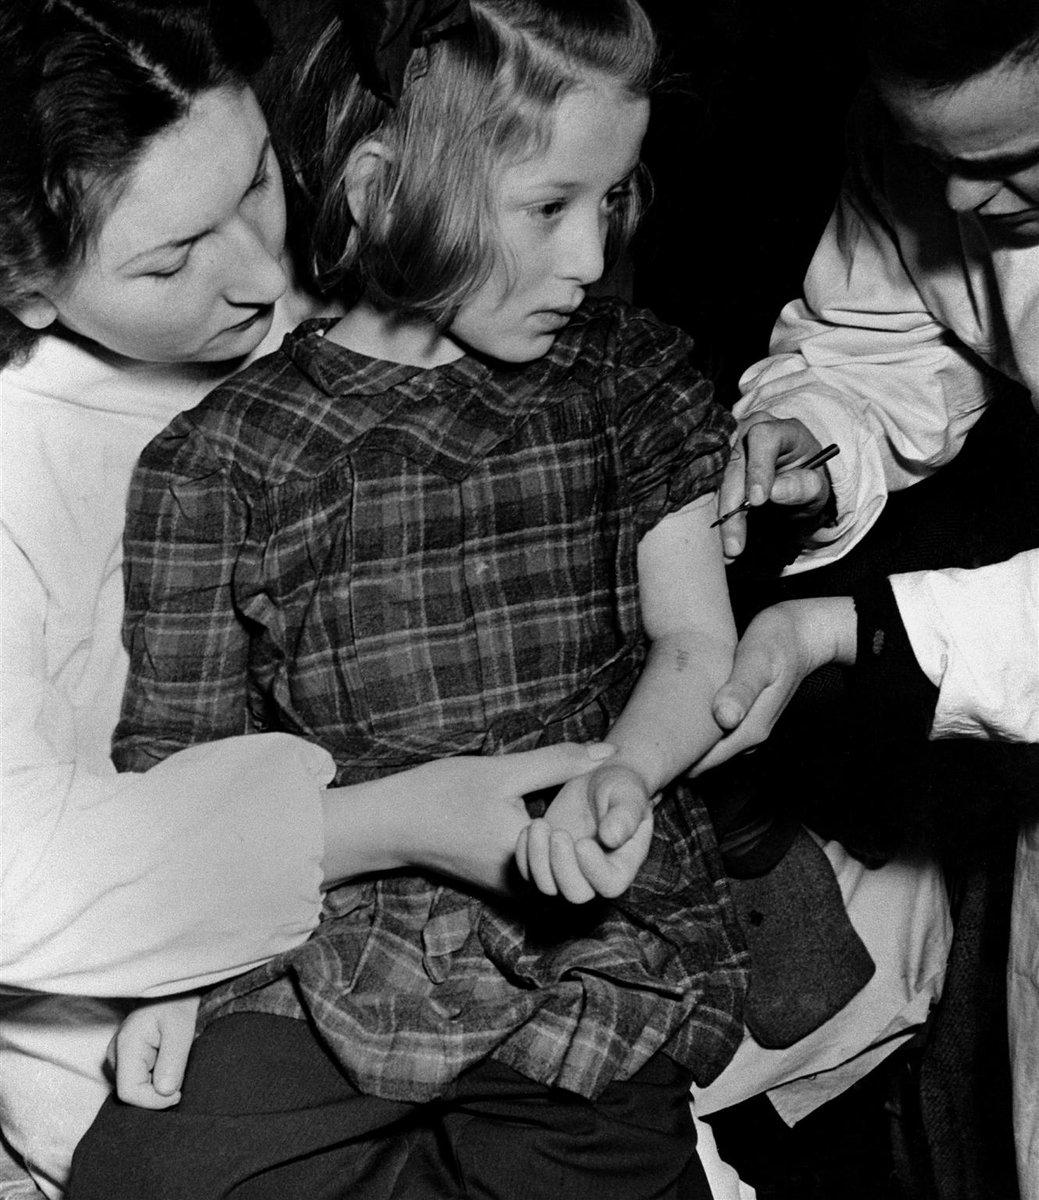 76 años tras la liberación de Auschwitz, no olvidamos. Mantengamos vivo el recuerdo para que algo así nunca vuelva a suceder. #HolocaustMemorialDay  En 1946 algunas de nuestras primeras intervenciones fueron para ayudar a niños y niñas que habían vivido en campos de exterminio